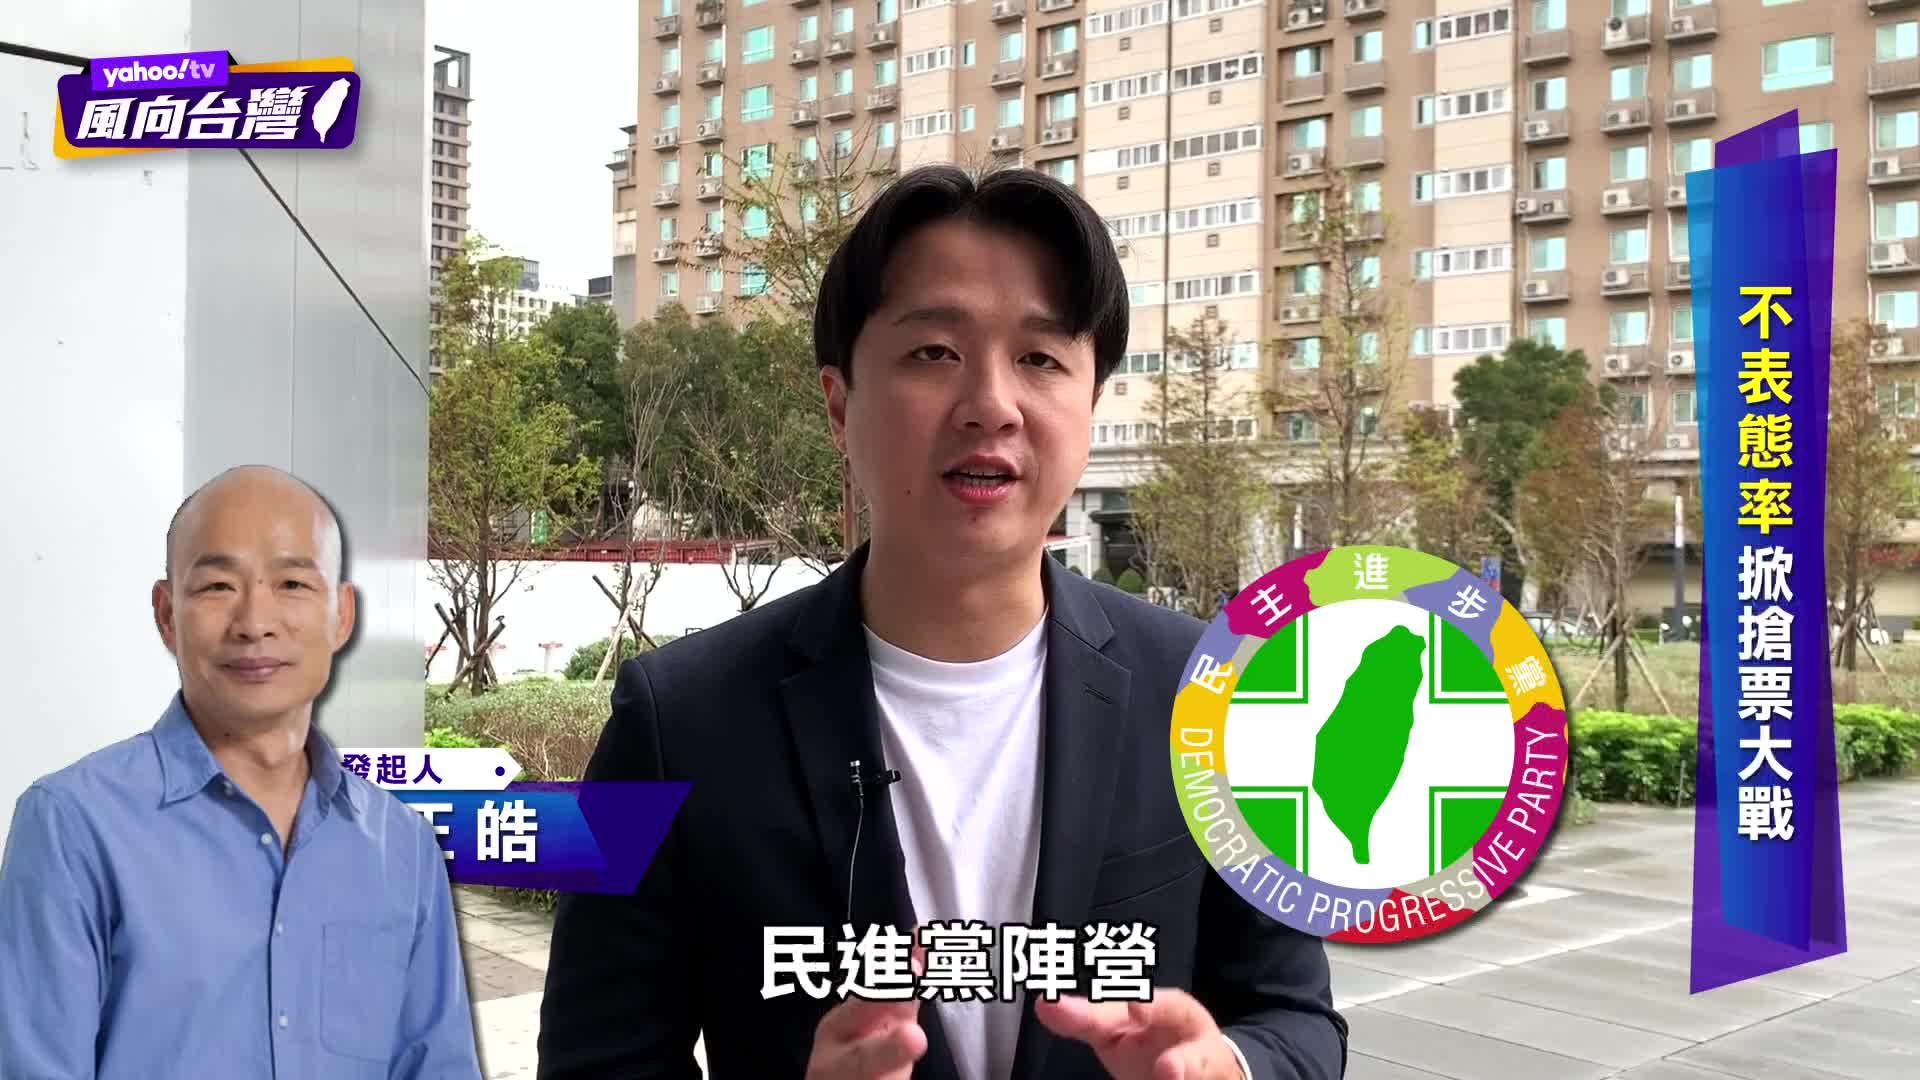 批綠恐懼動員 李正皓:最激烈投票率都沒有九成!